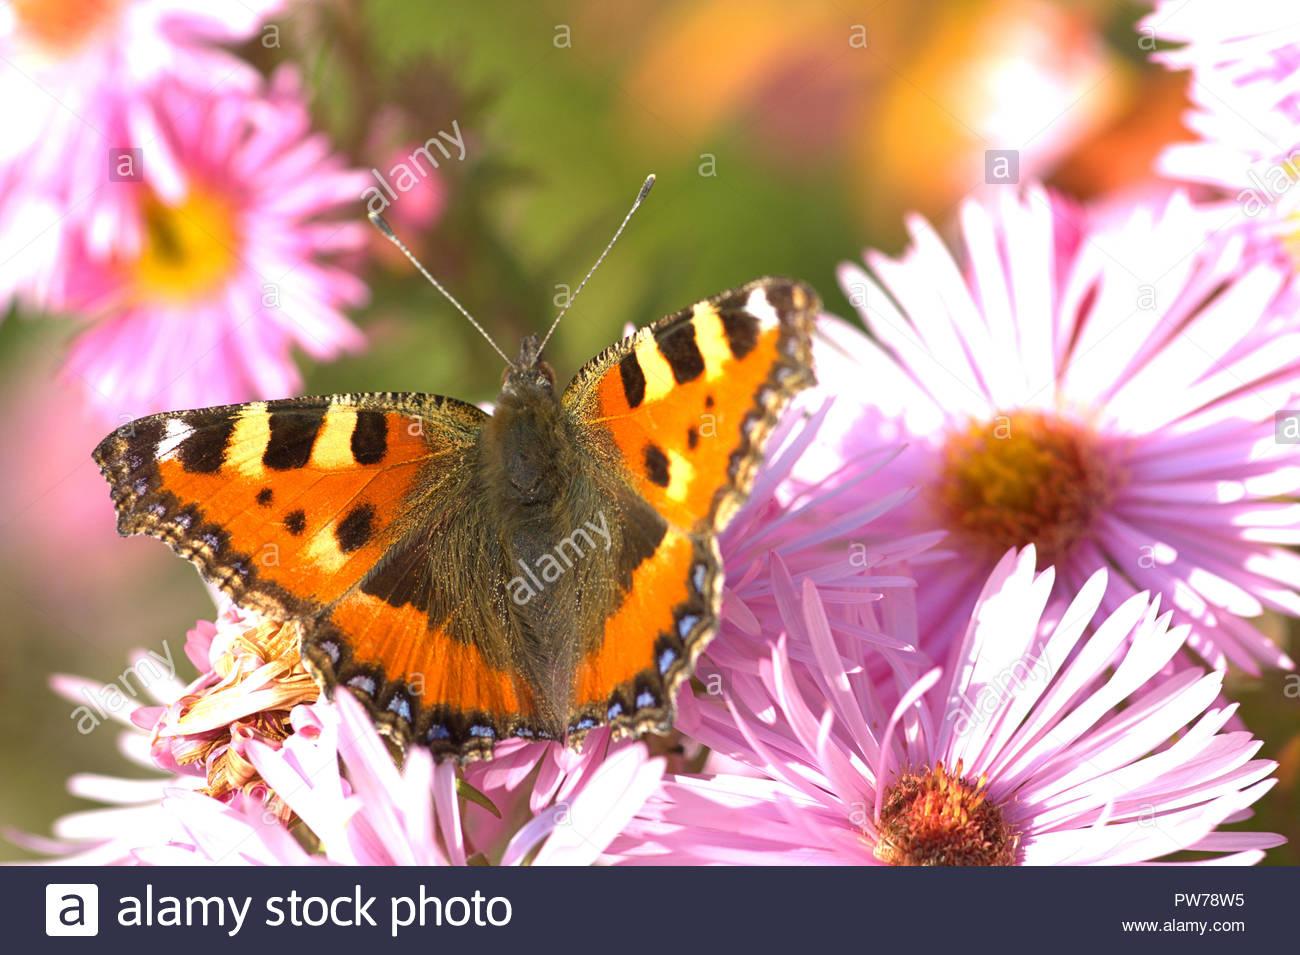 Ein Kleiner Fuchs (Aglais urticae, Syn.: Nymphalis urticae), ein Schmetterling aus der Familie der Edelfalter (Nymphalidae) auf der Blüte einer Aster. - Stock Image